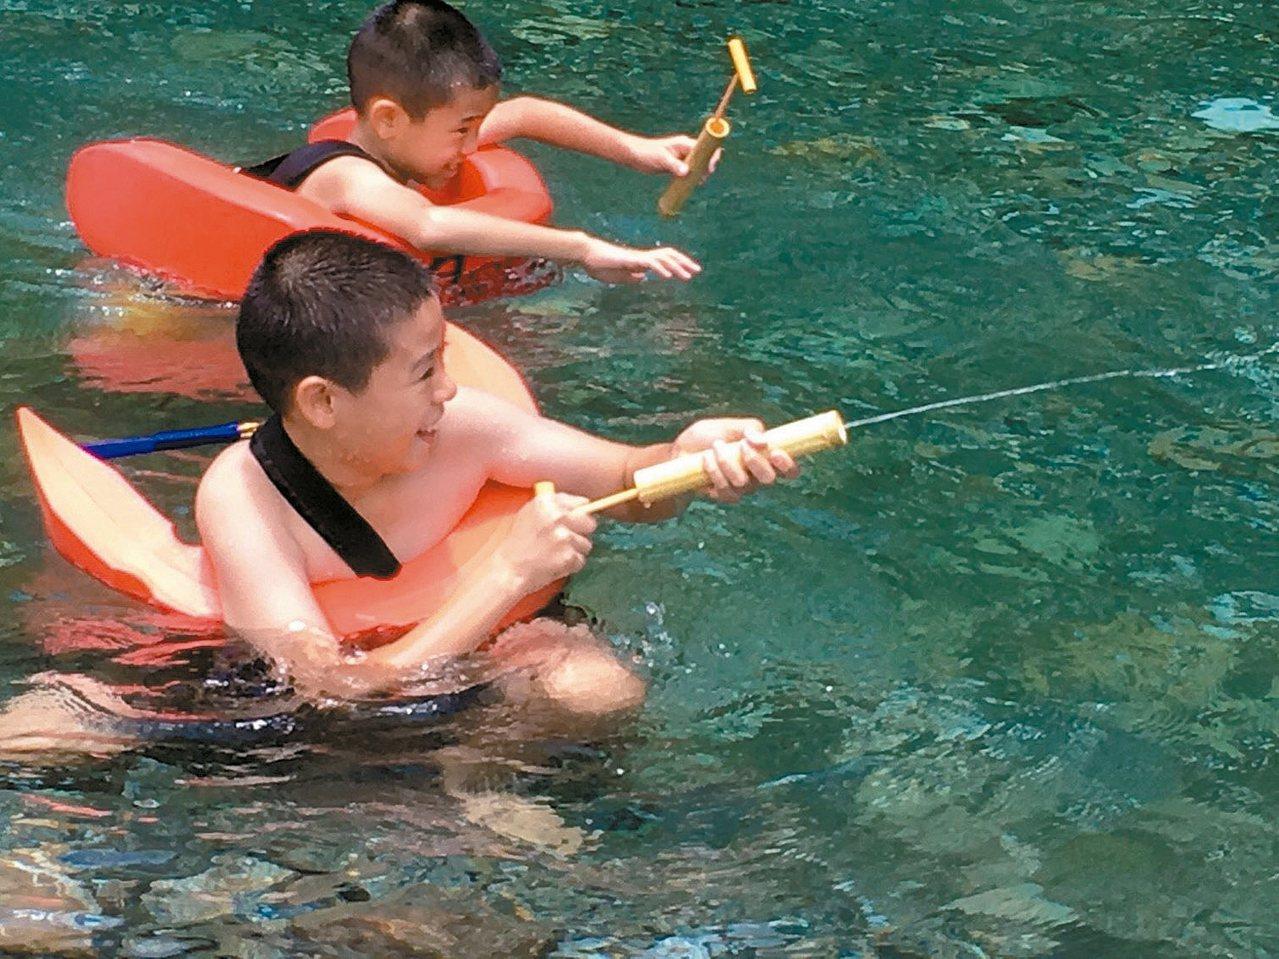 宜蘭縣武荖坑園區的溪水沁涼清澈,縣府推出免費戲水活動。 圖/宜蘭縣府提供